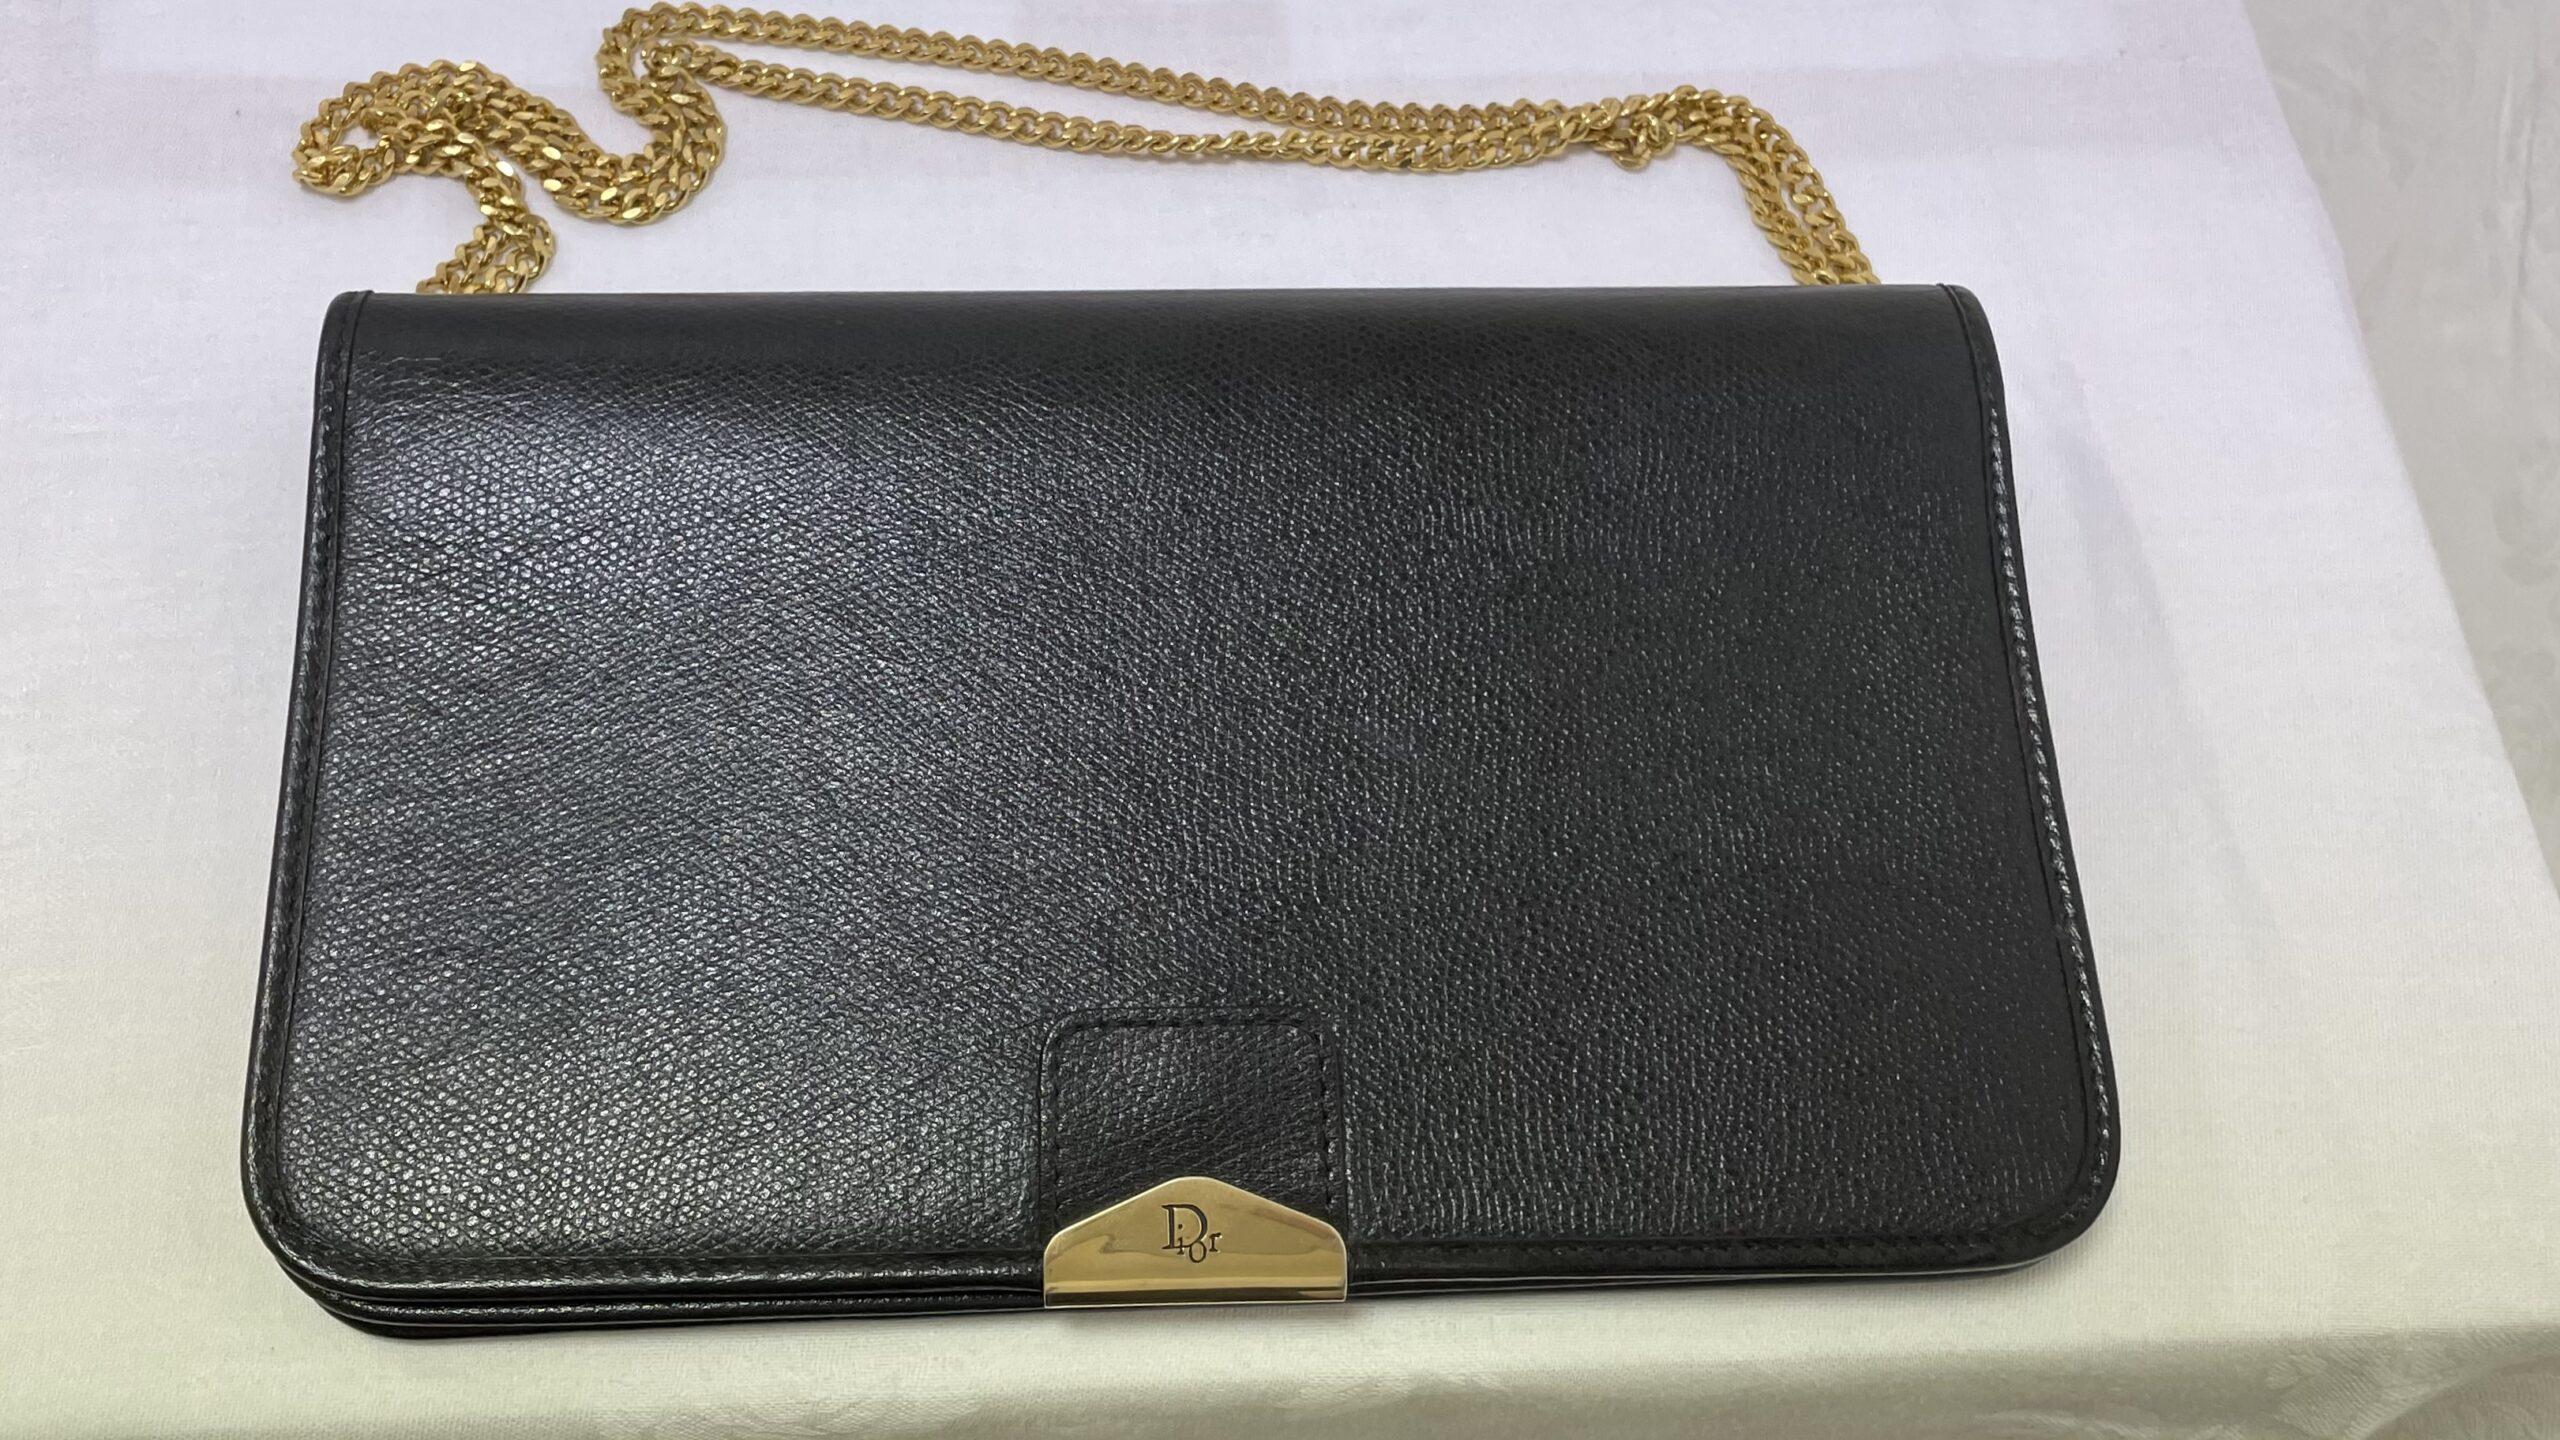 【買取速報】ブランドバッグ、Christian Dior-2021-02-12